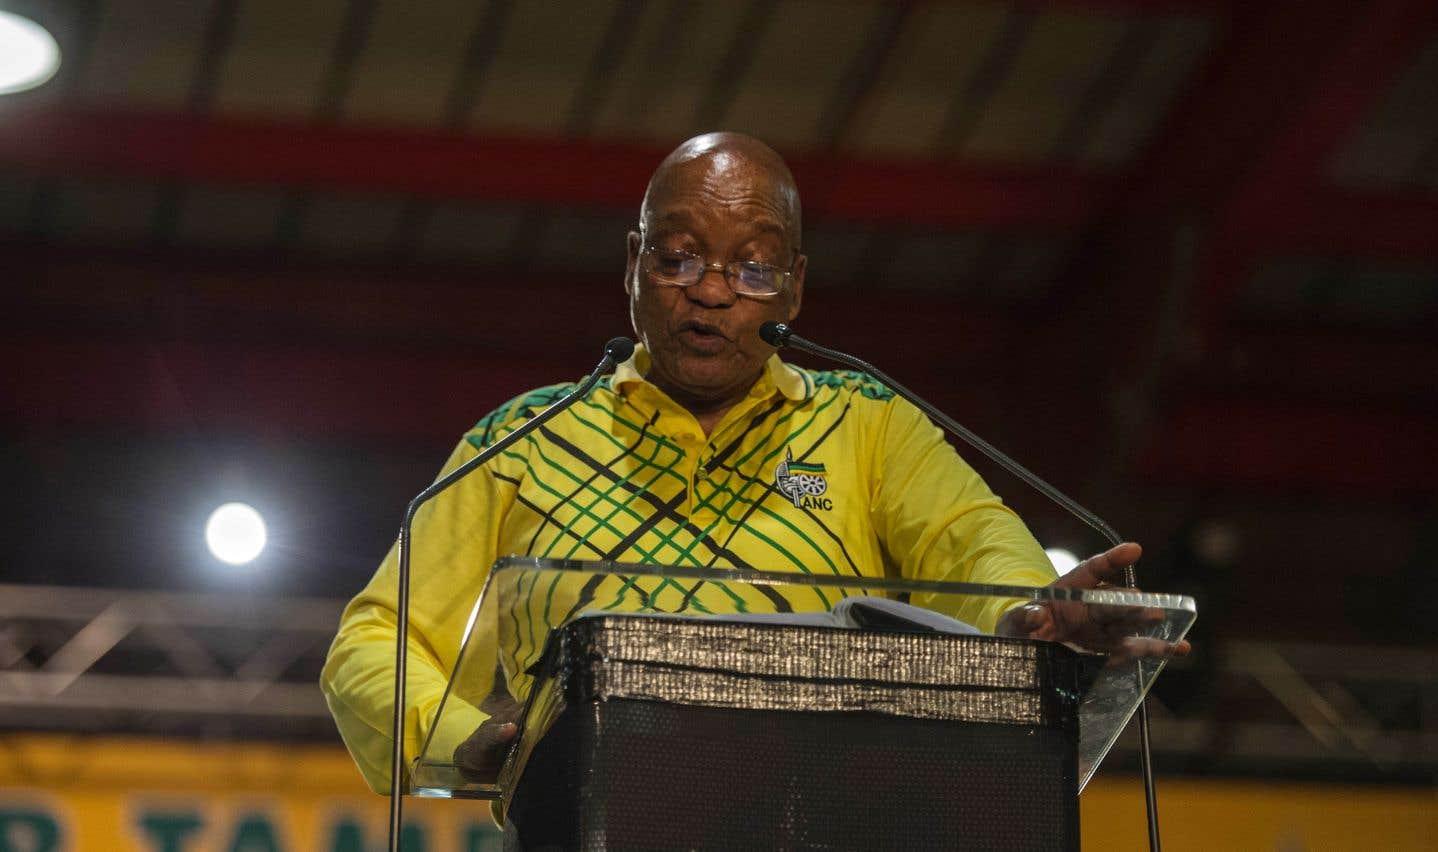 Le président sud-africain Zuma quitte la tête de l'ANC en déplorant son déclin